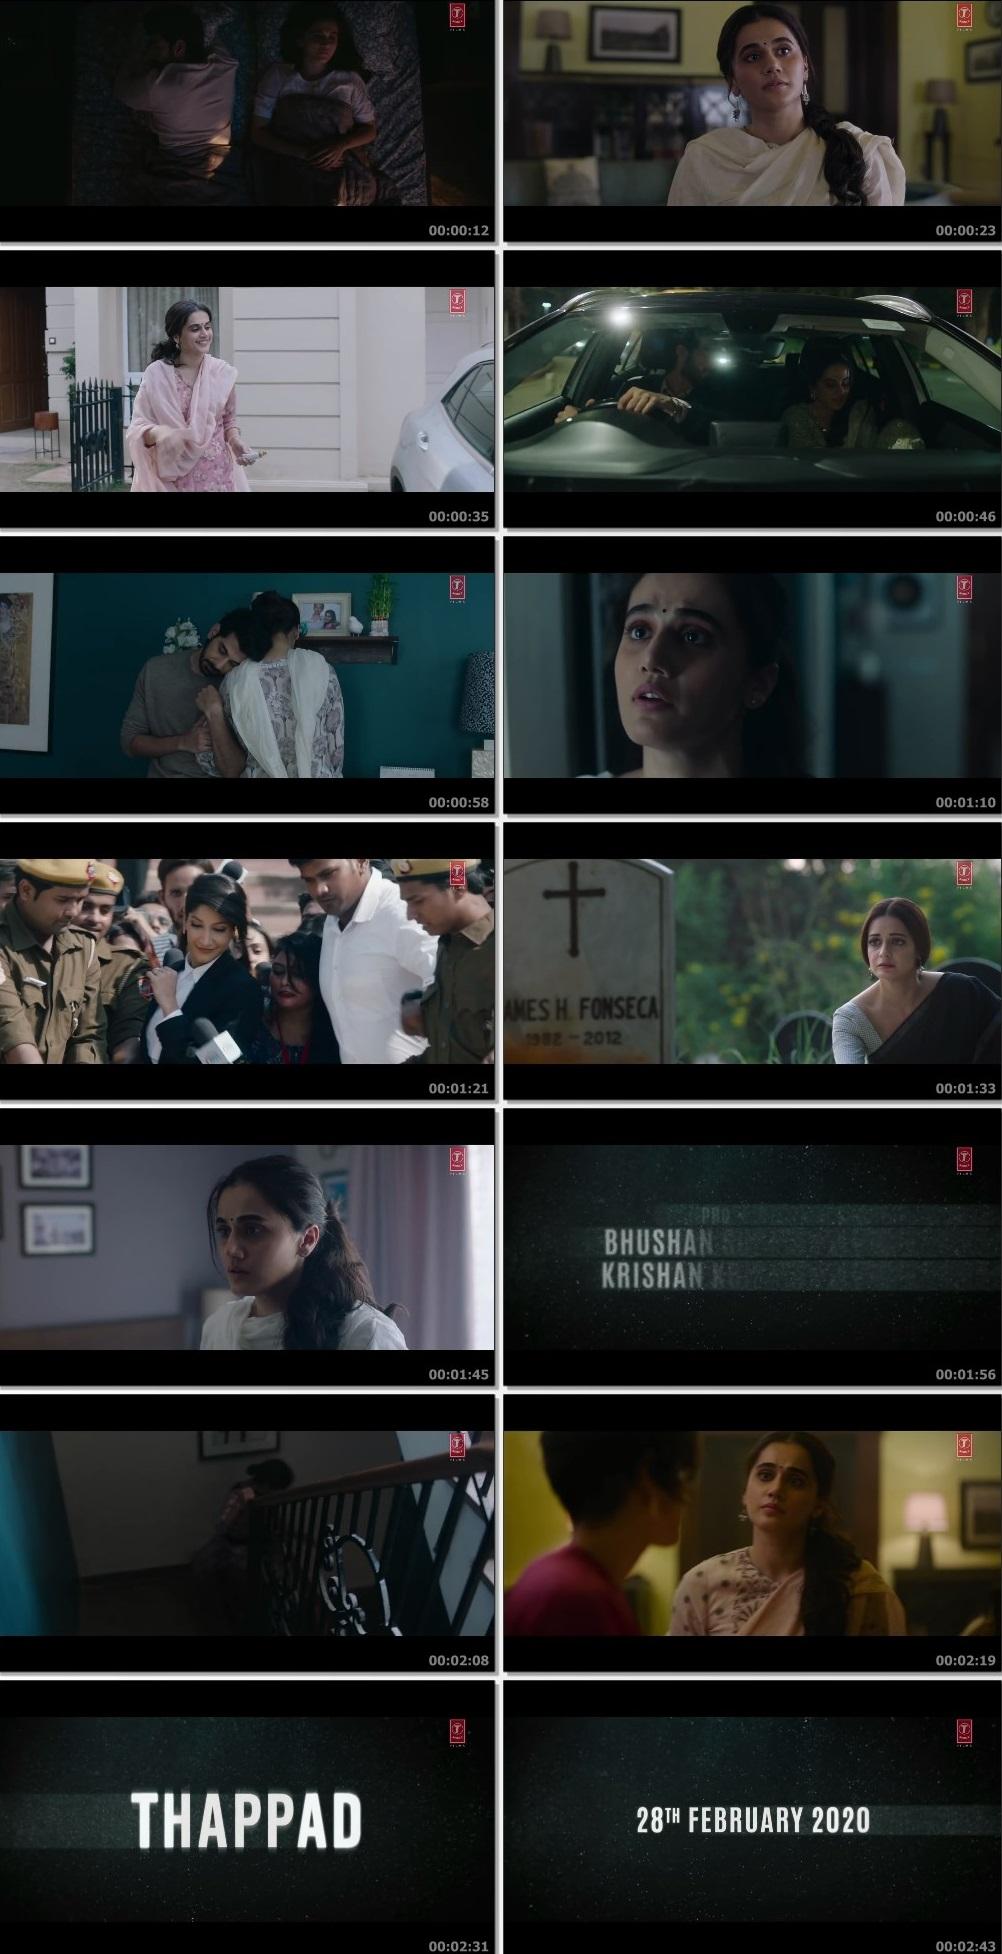 Screenshots Of Hindi Movie Thappad 2020 Trailer official 480P HD